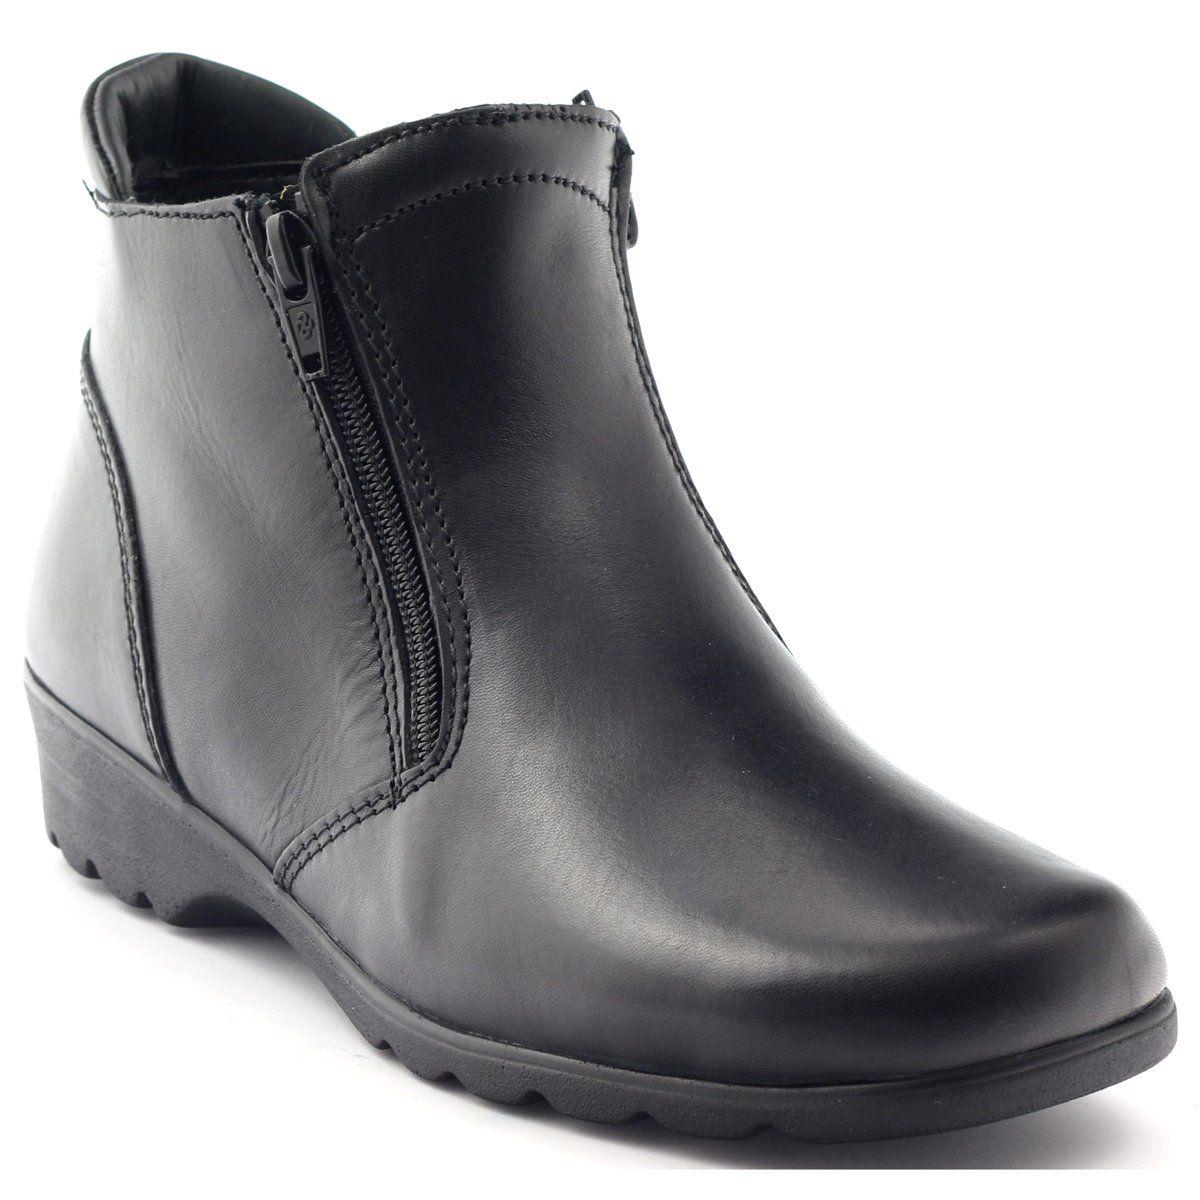 Aeros Botki Damskie Zimowe Skora 16 181 Czarne Winter Boots Women Boots Winter Boots